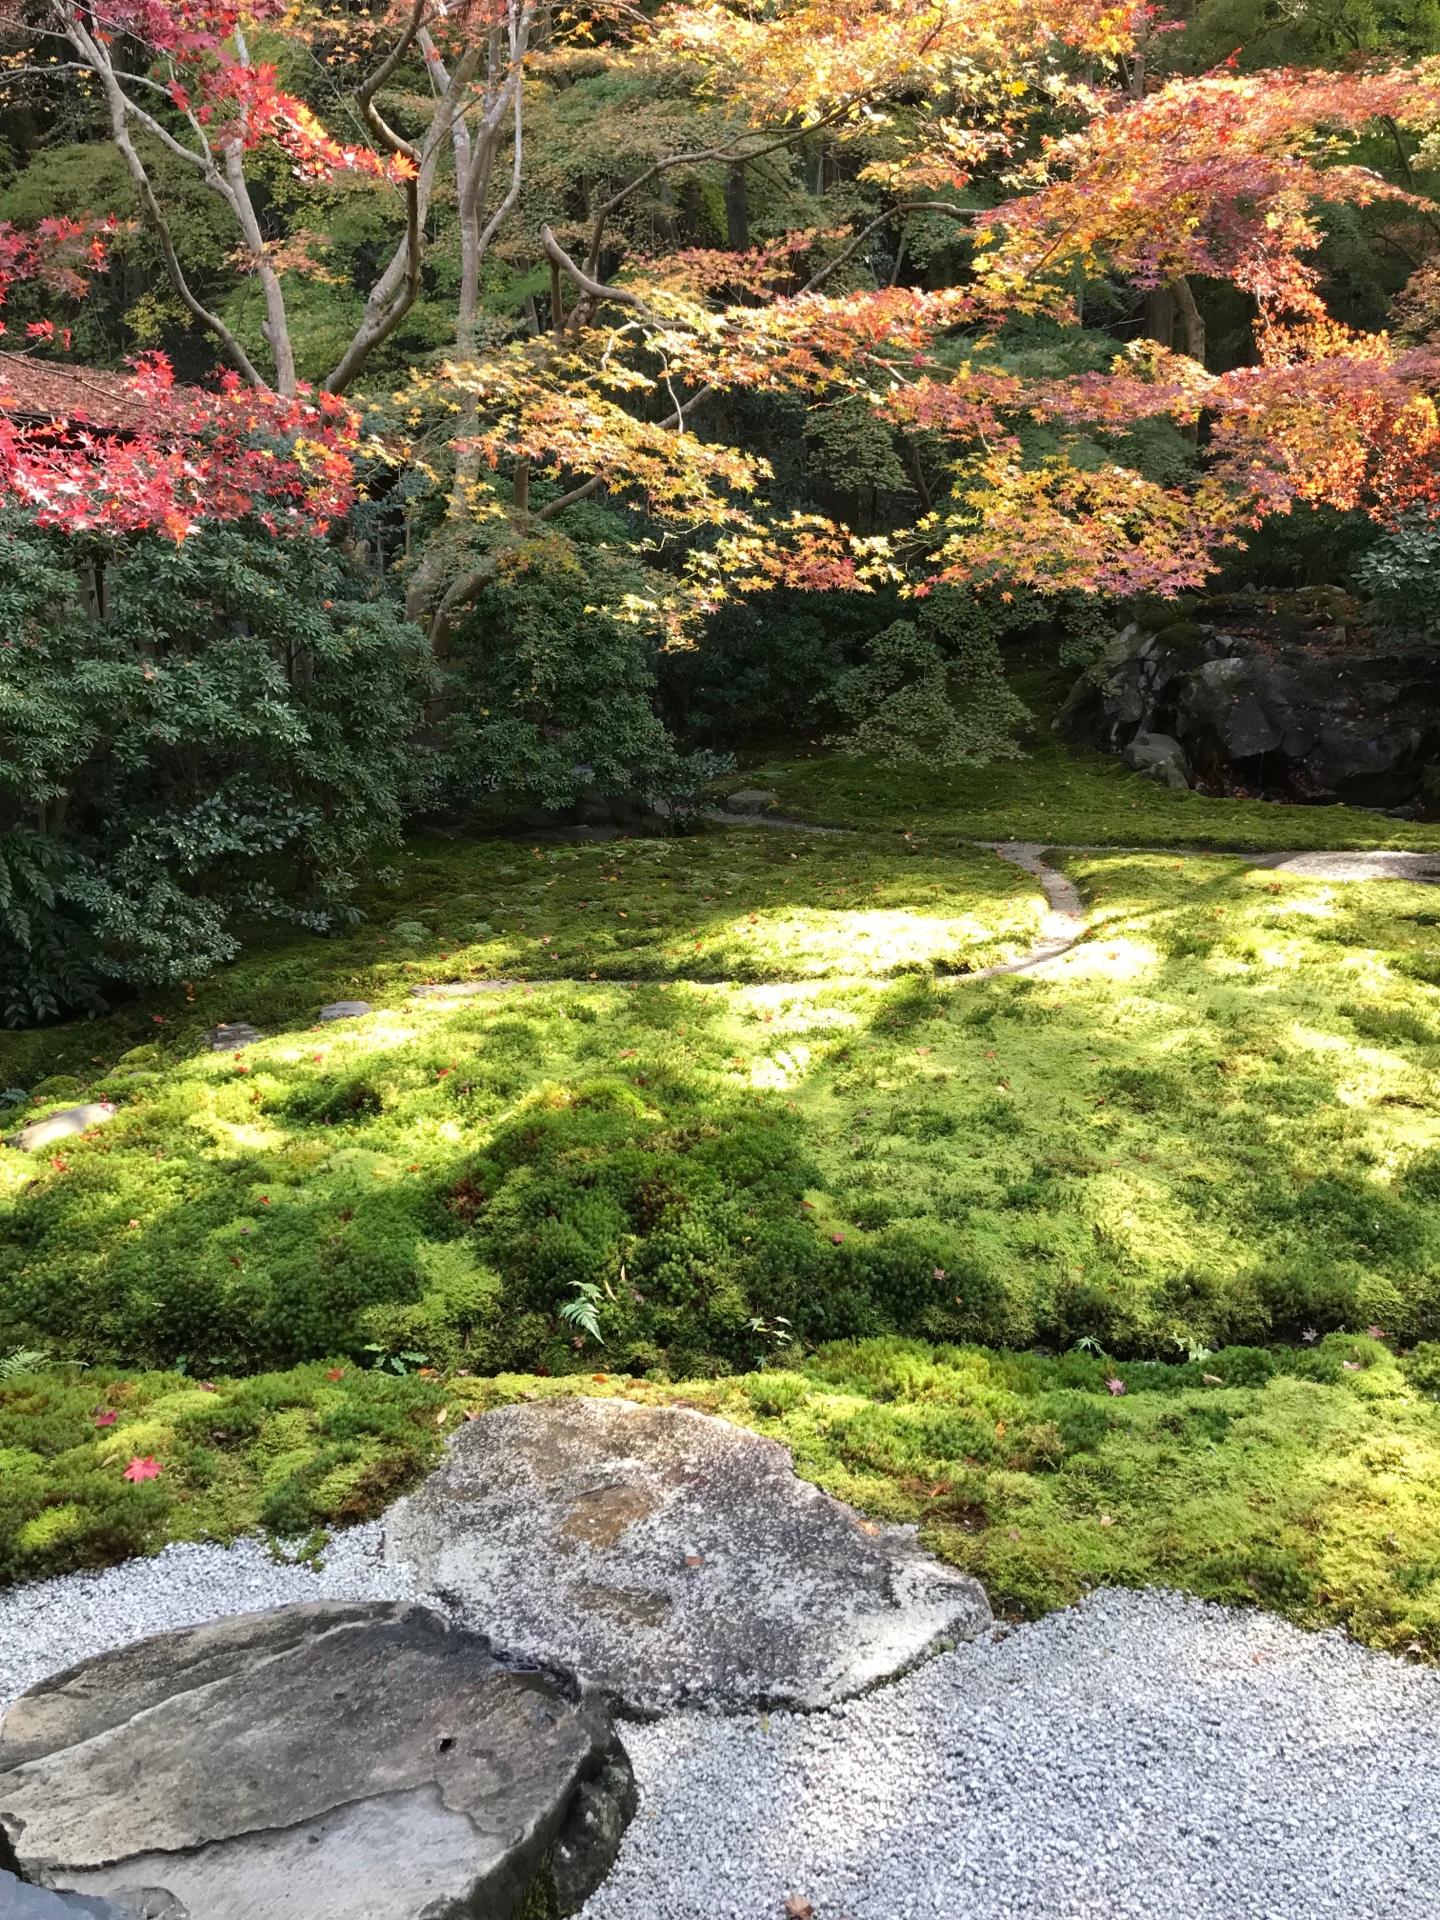 瑠璃の庭 瑠璃色に輝く浄土の世界を表現